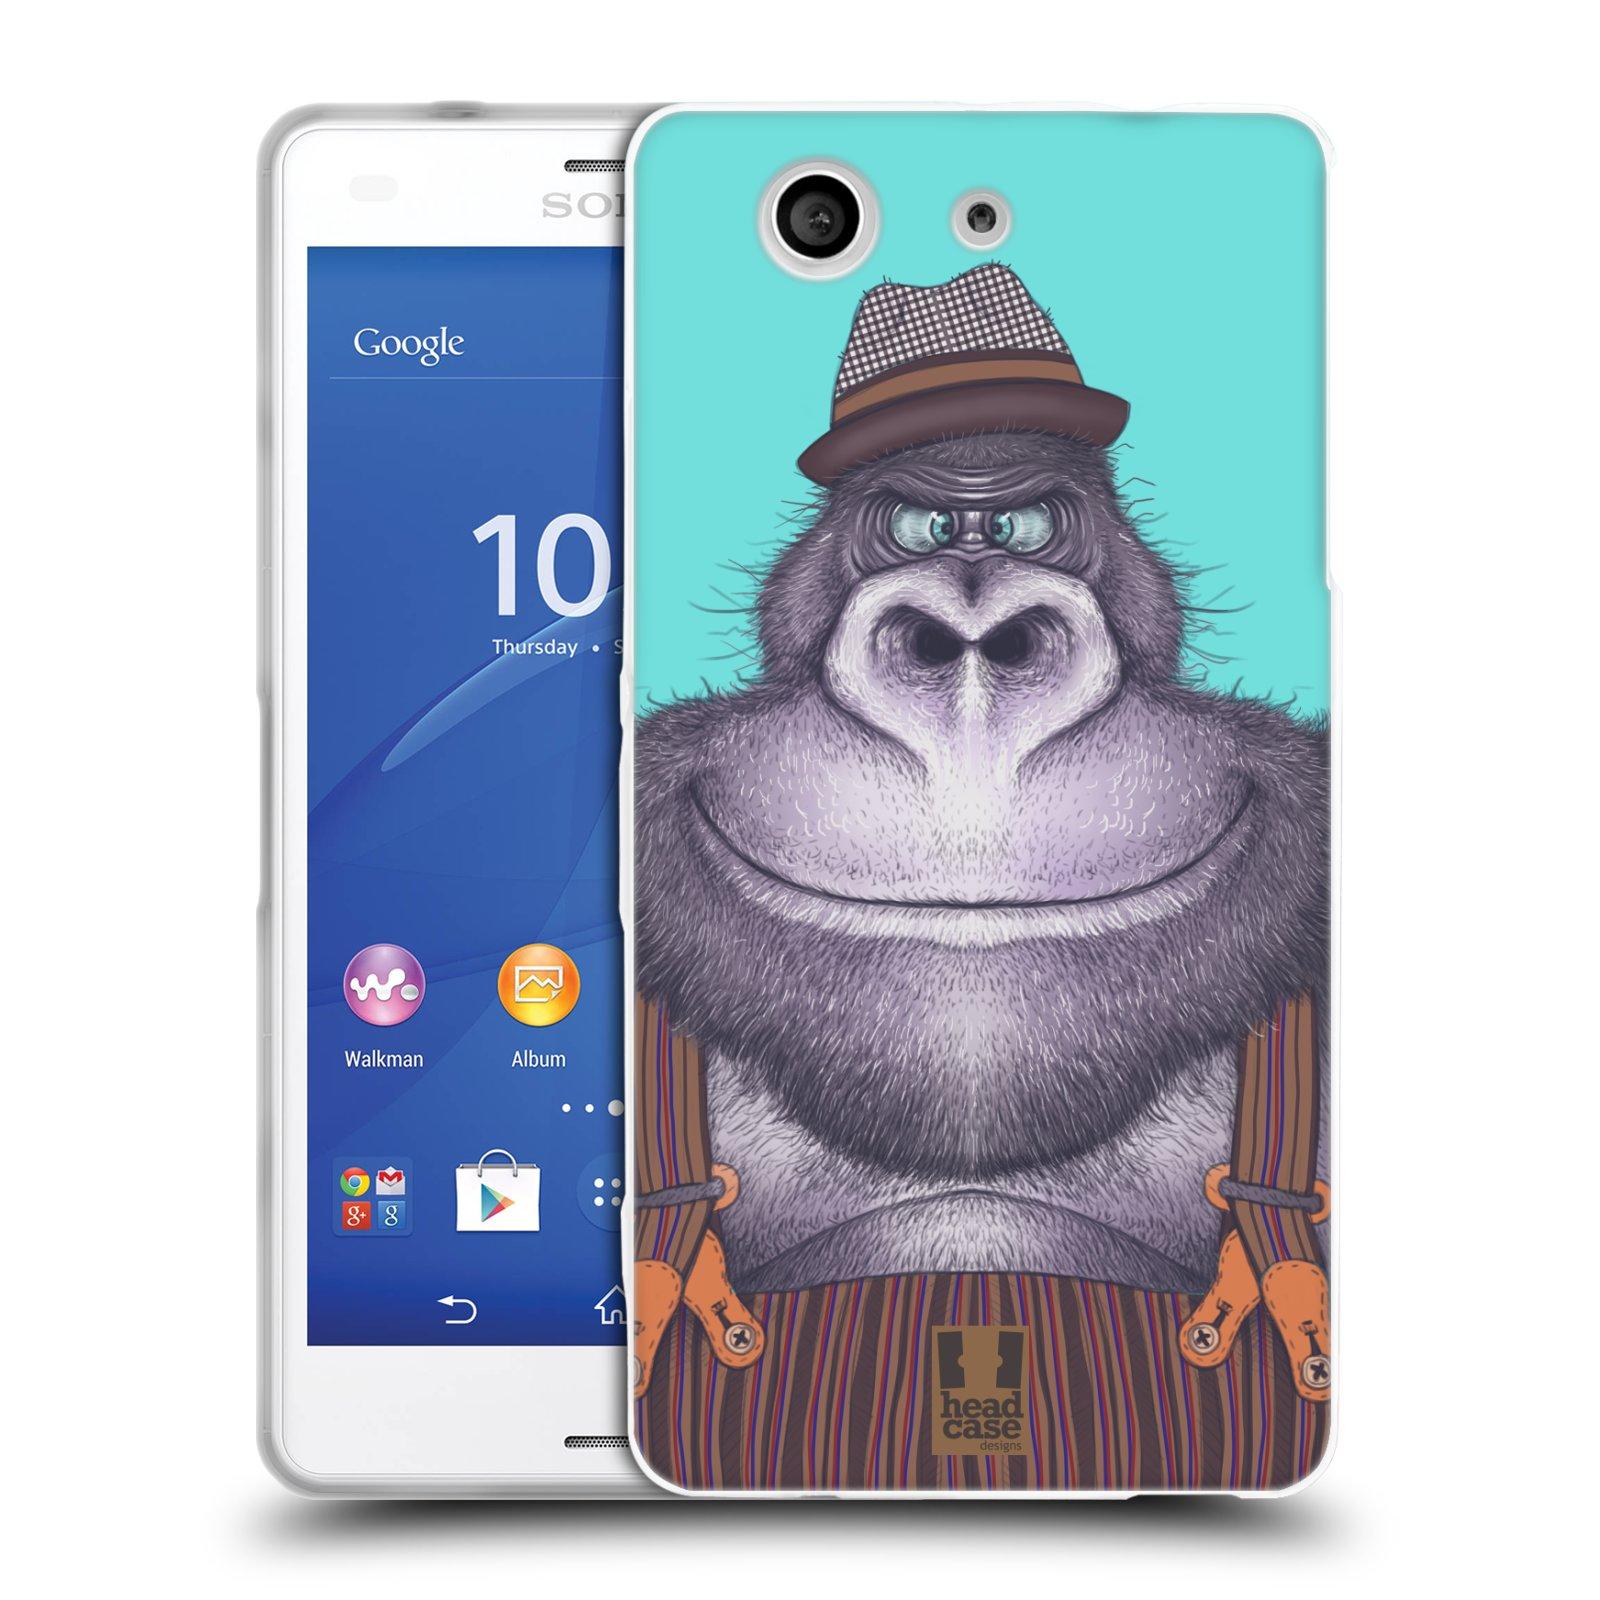 HEAD CASE silikonový obal na mobil Sony Xperia Z3 COMPACT (D5803) vzor Kreslená zvířátka gorila